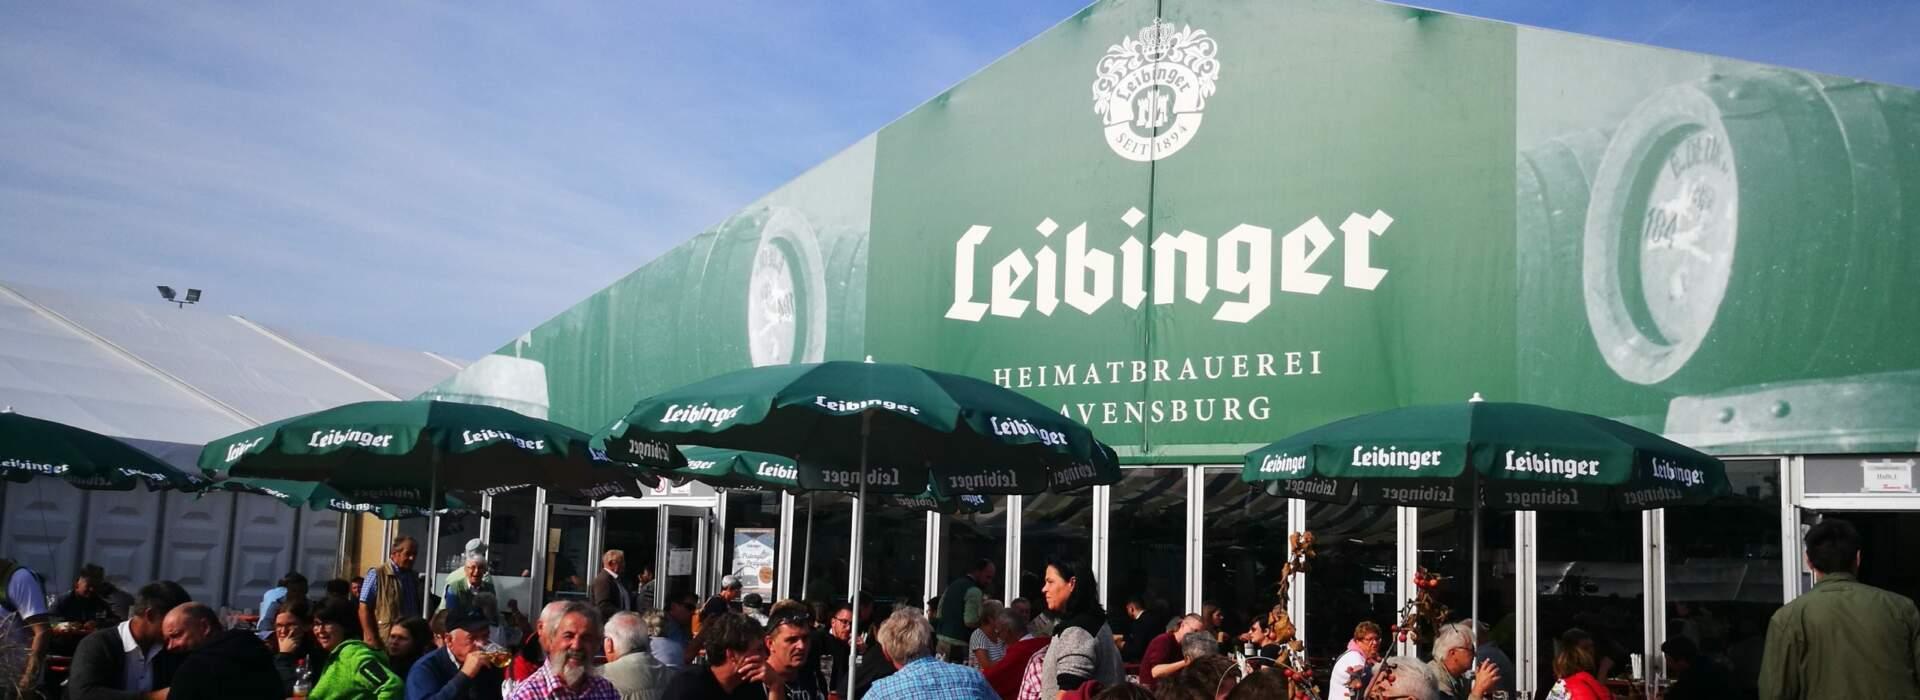 Oberschwabenschau Leibinger Zelt